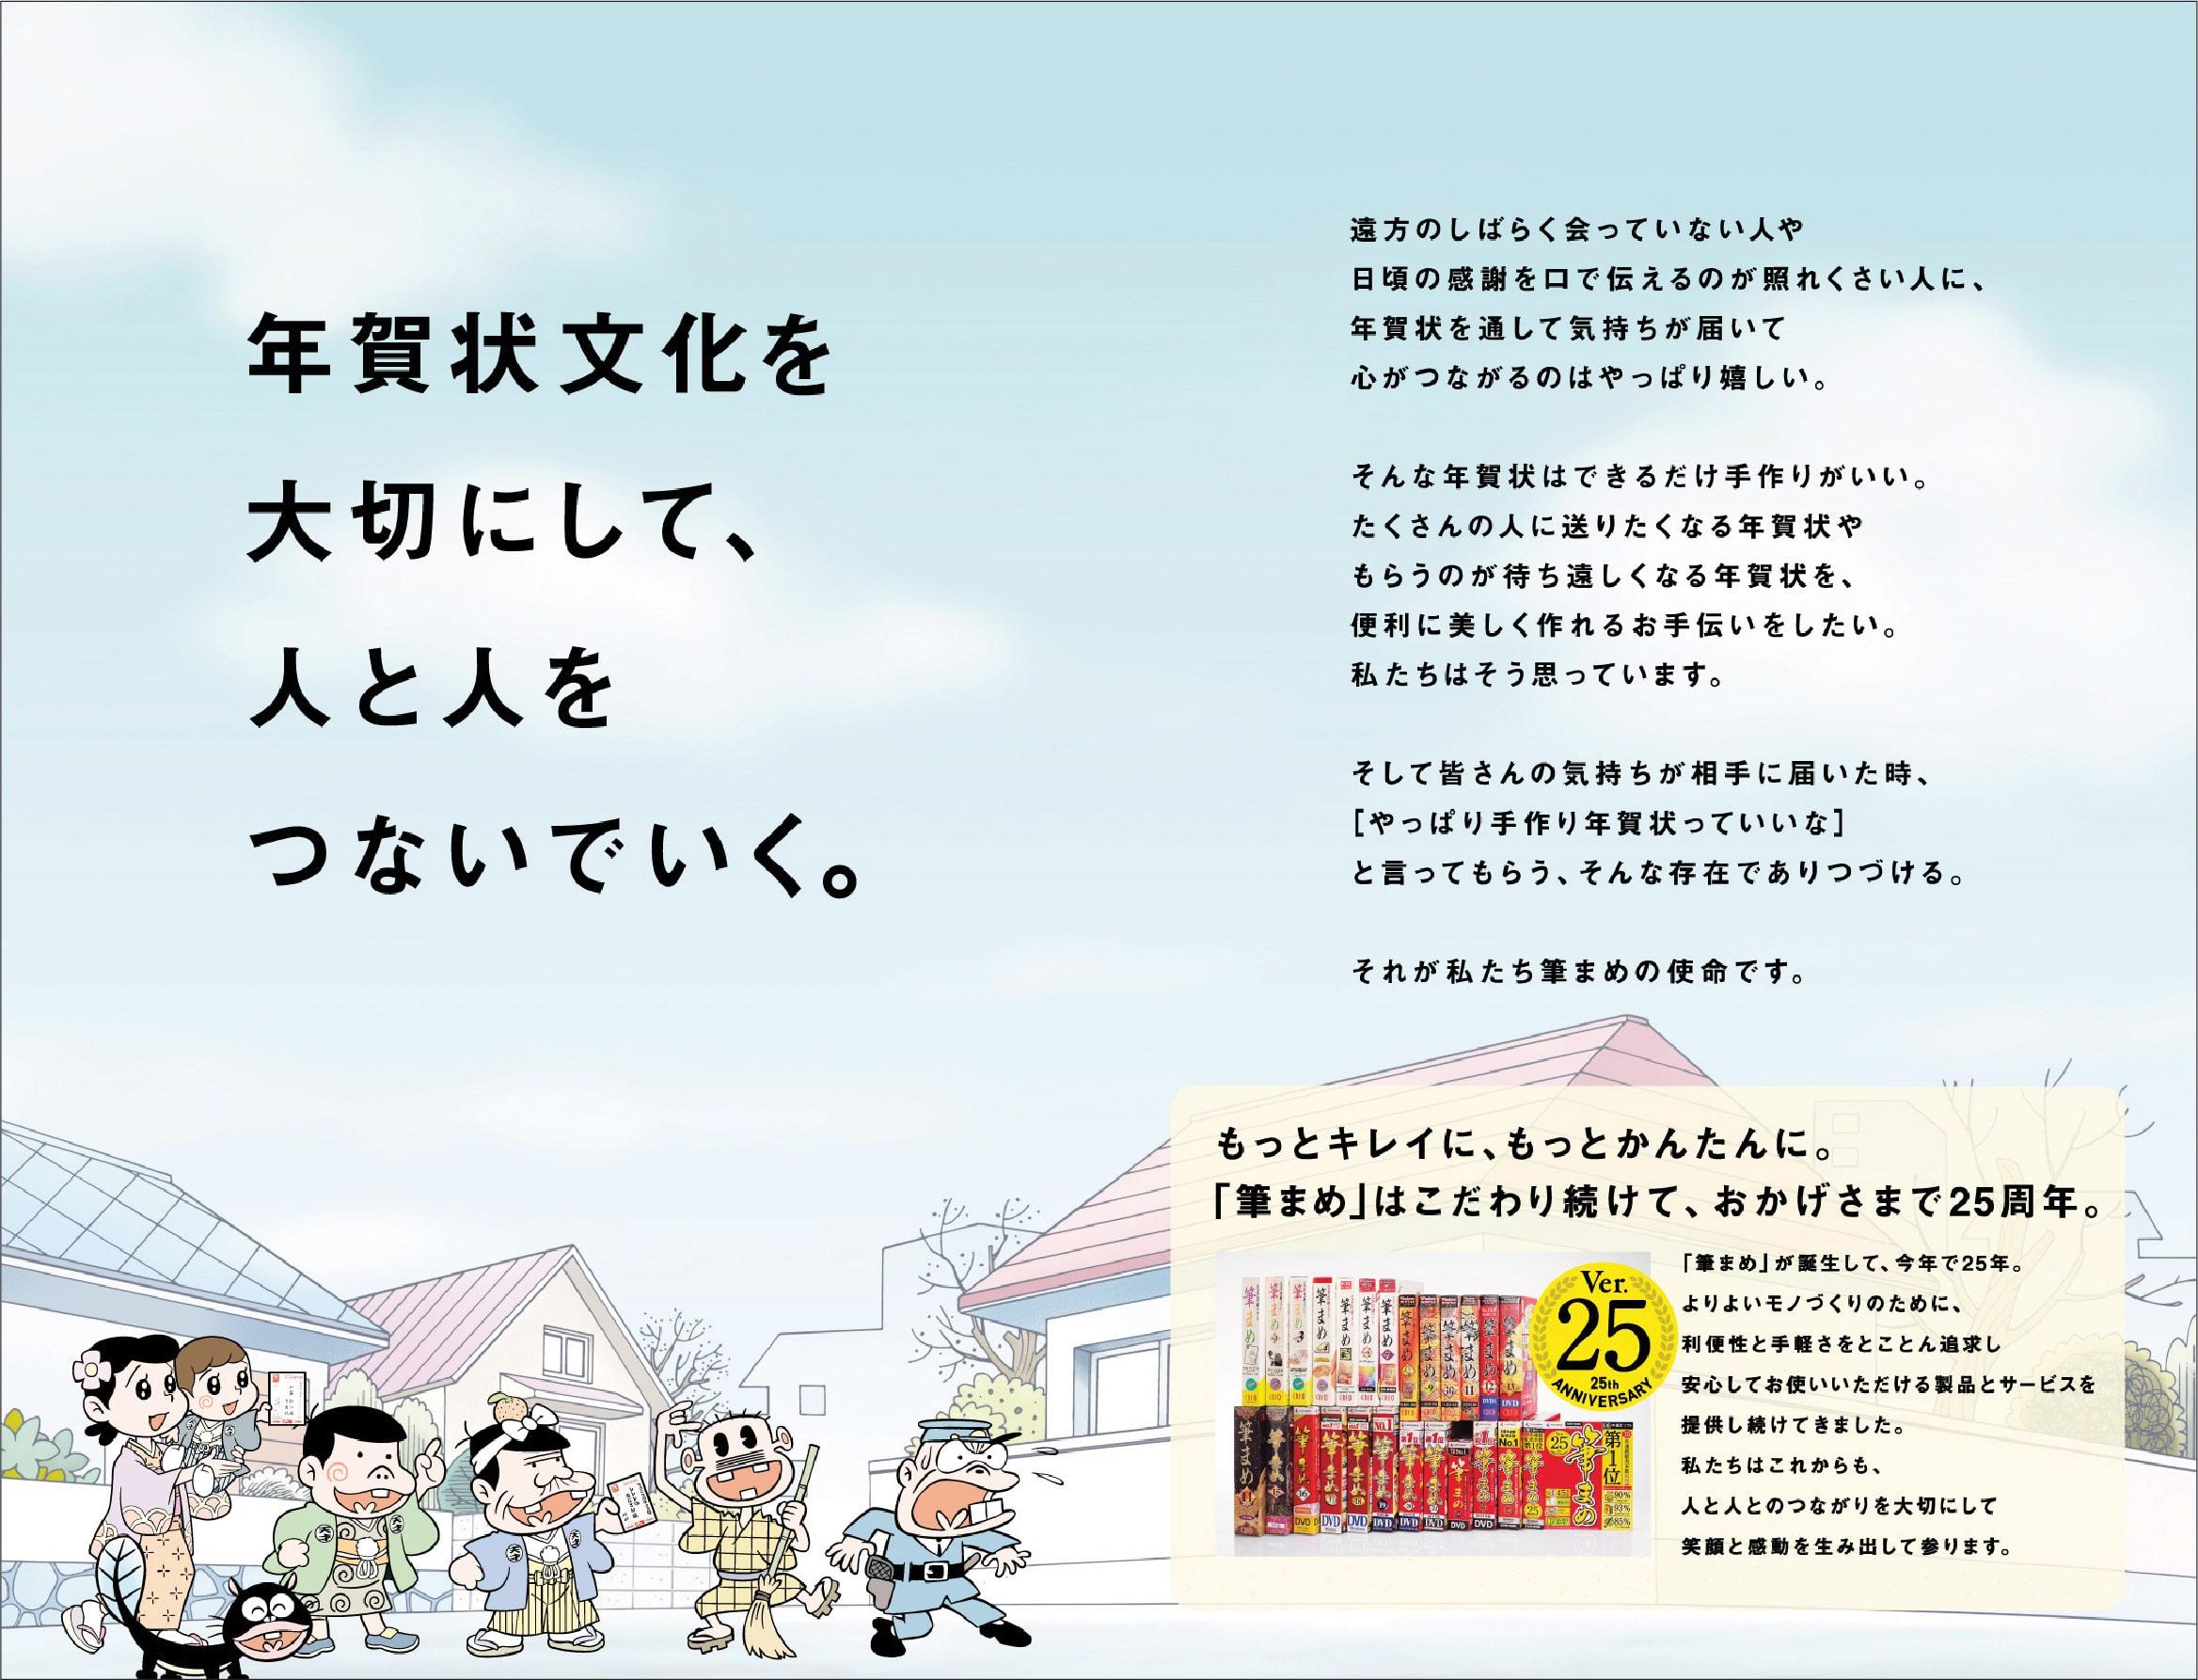 FUDEMAME-ポスター